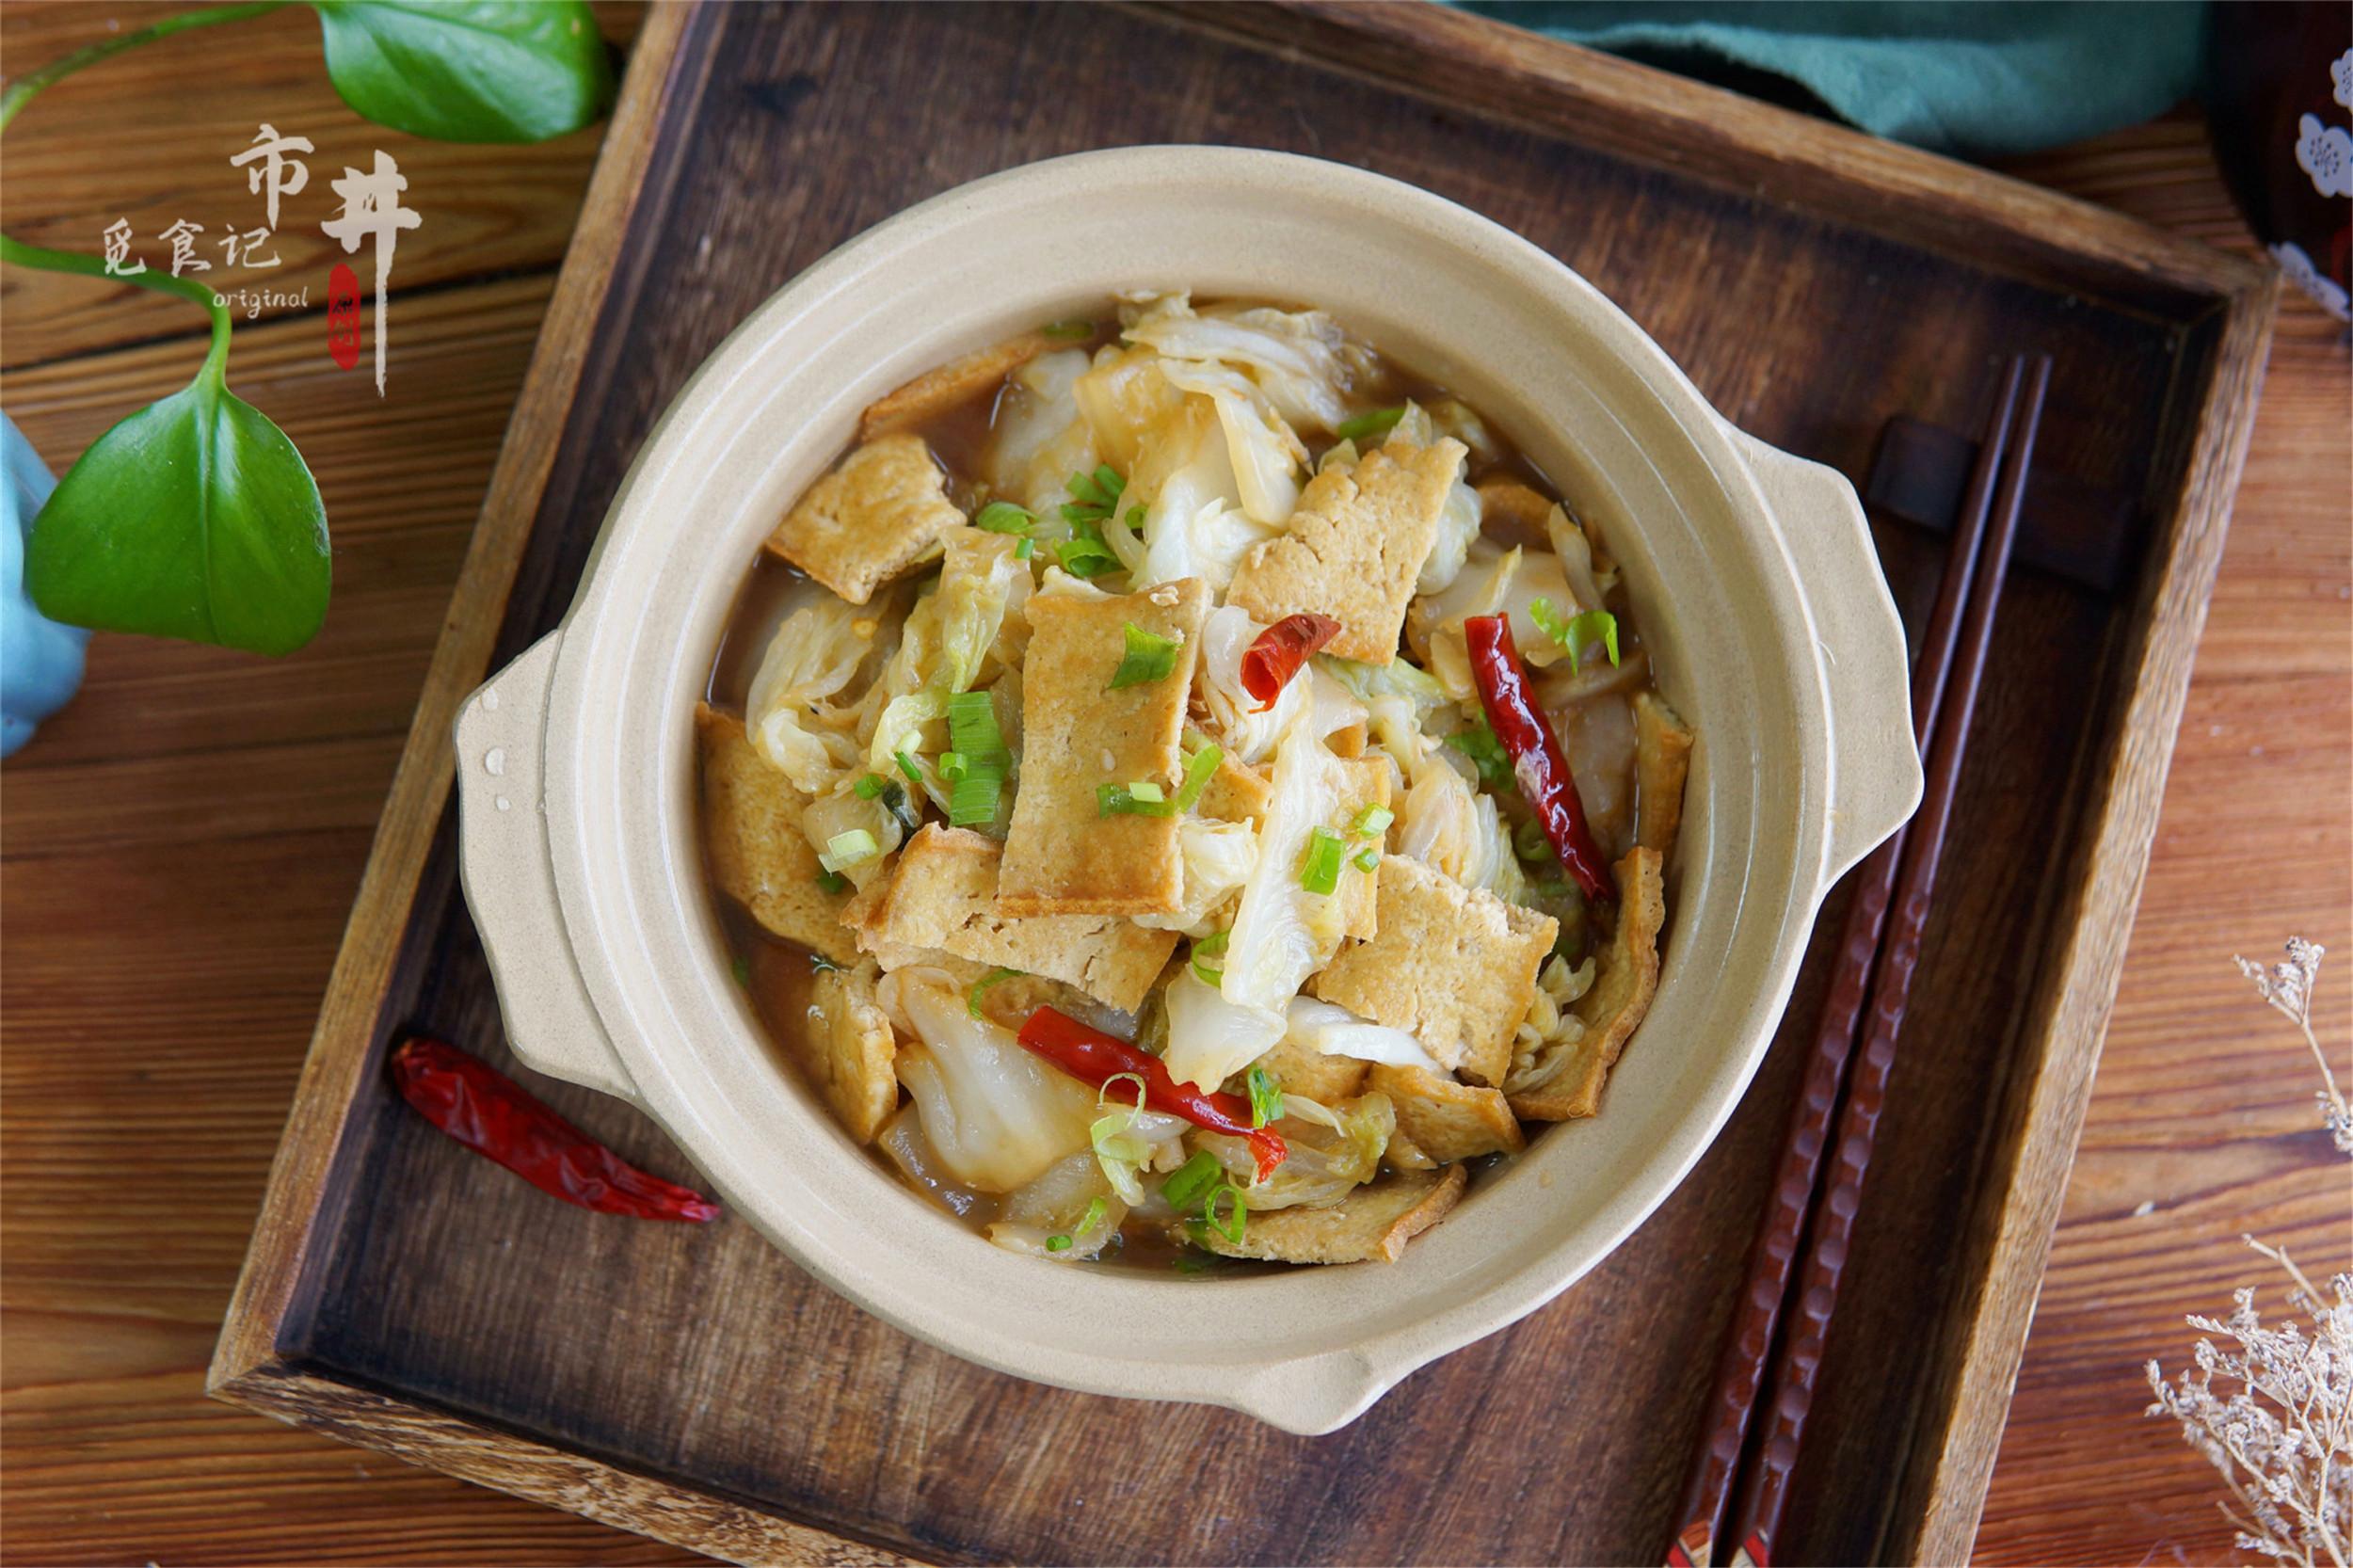 年底聚餐用的上,豆腐6种吃不烦的做法,有滋有味,不比吃肉差 美食做法 第8张